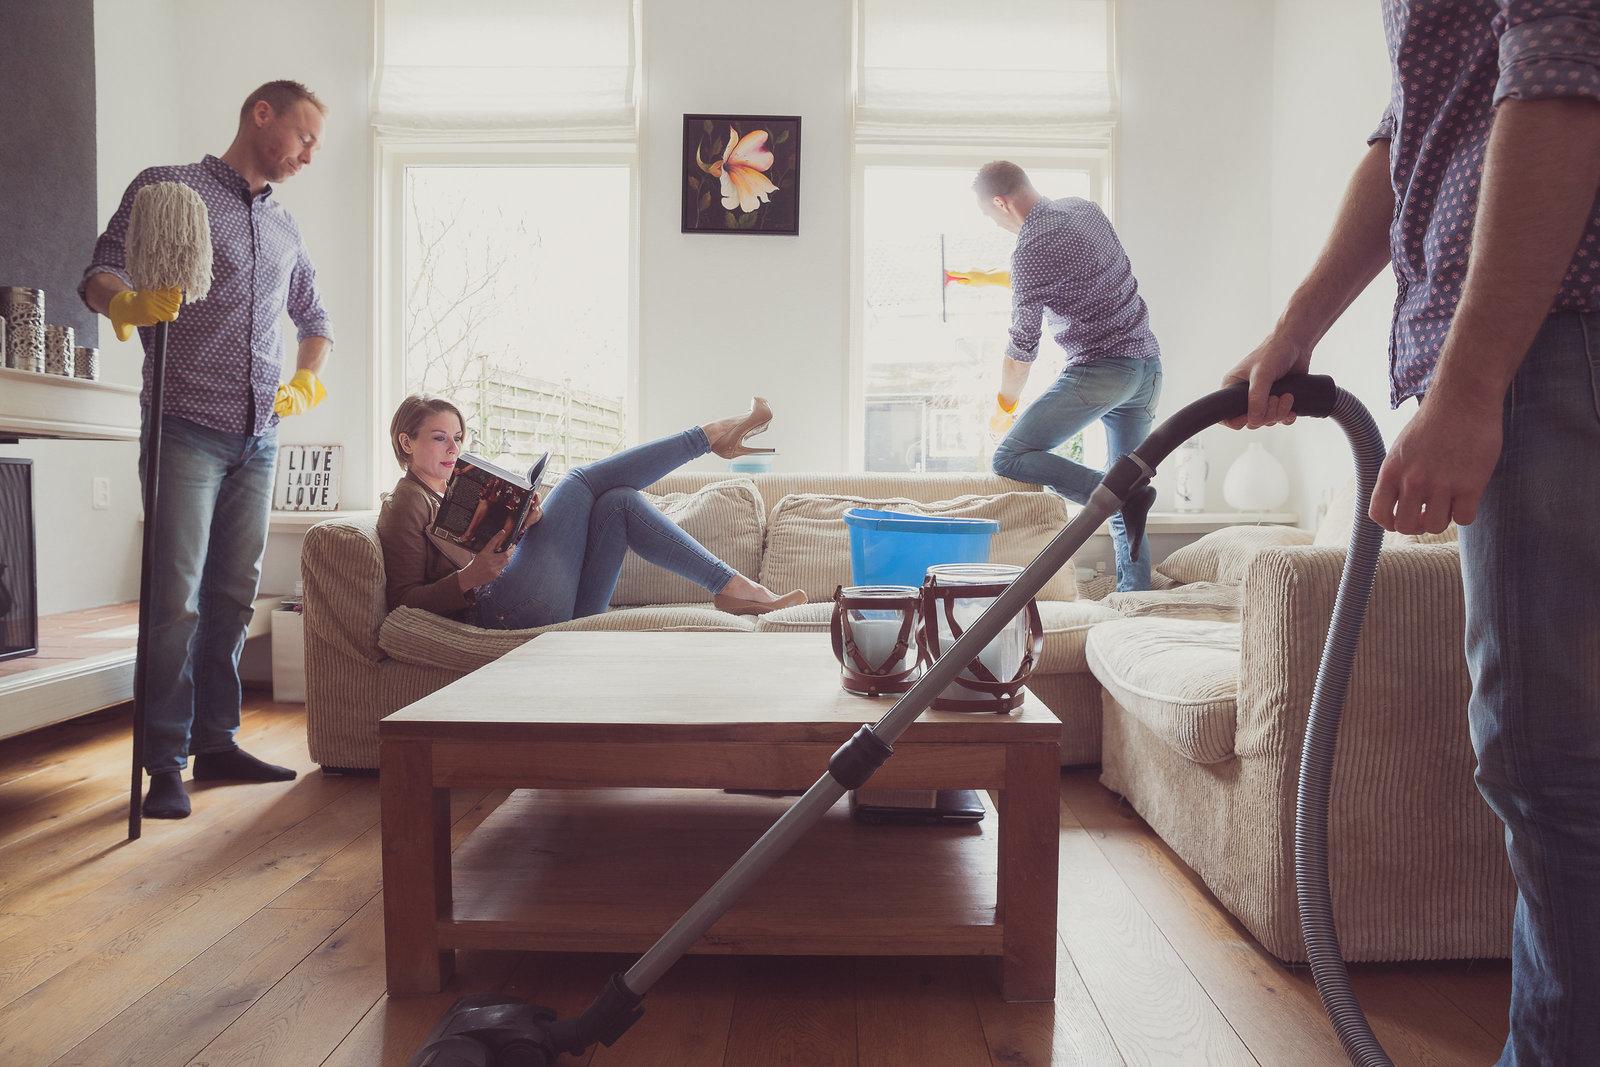 Hilarische foto van een koppel waarbij de huishoudelijke taken goed verdeeld zijn. Terwijl zij op de bank een boek leest, maakt hij het huis schoon. Copyright Nanda Zee-Fritse | FOTOZEE